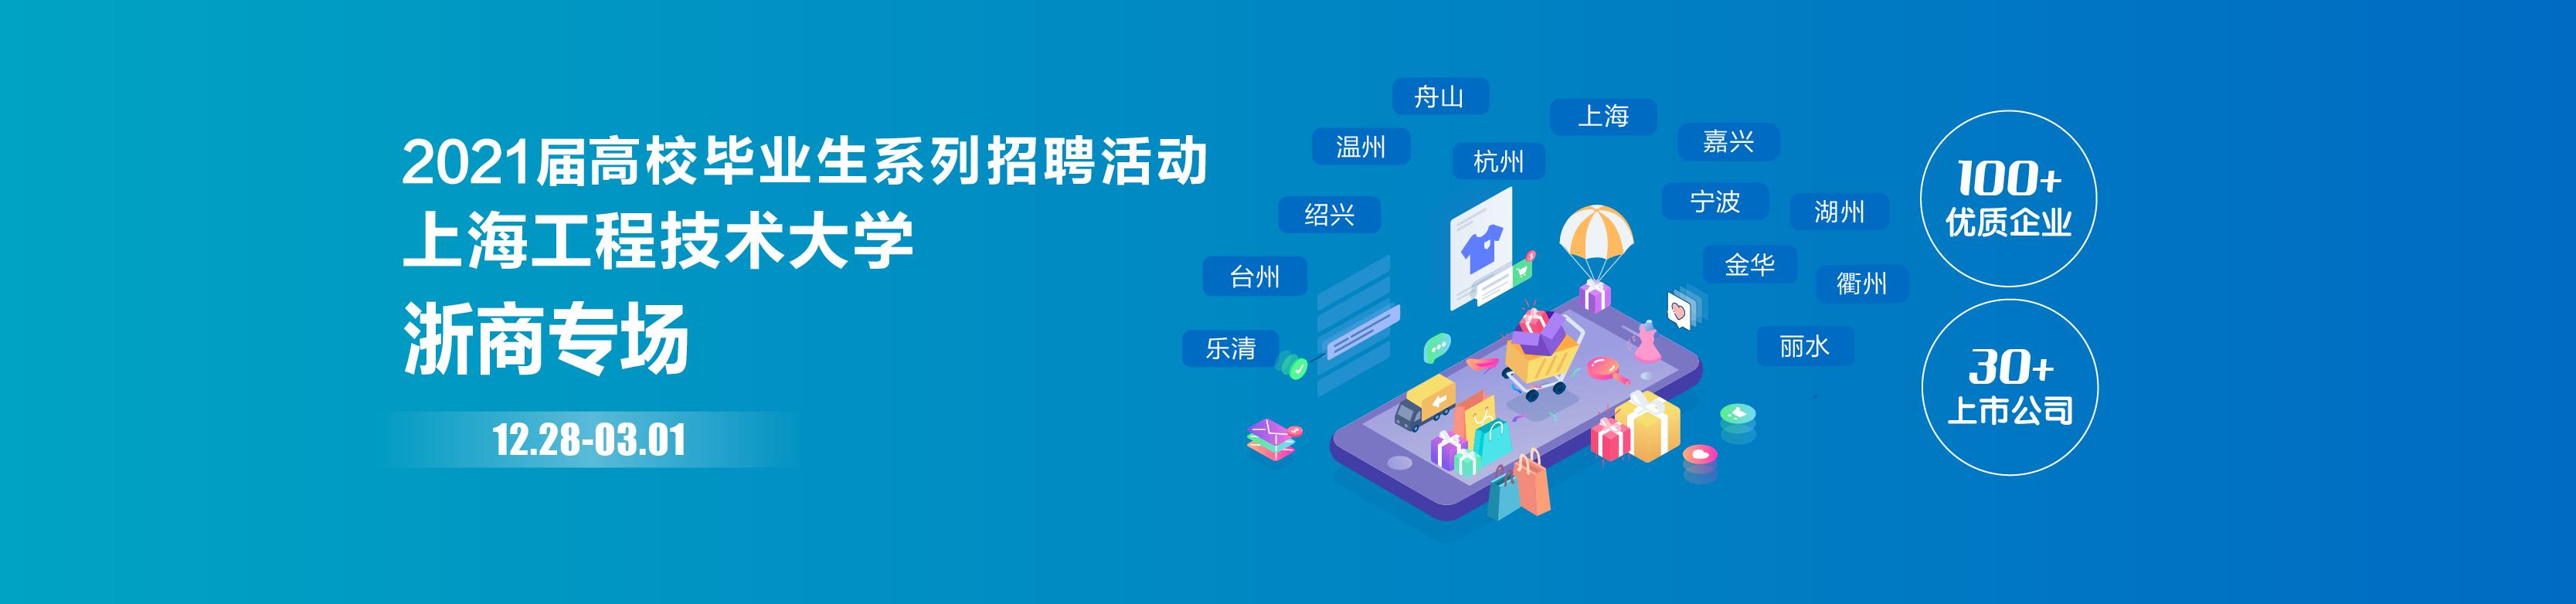 """上海工程技术大学2021届毕业生""""浙商专场""""招聘会"""